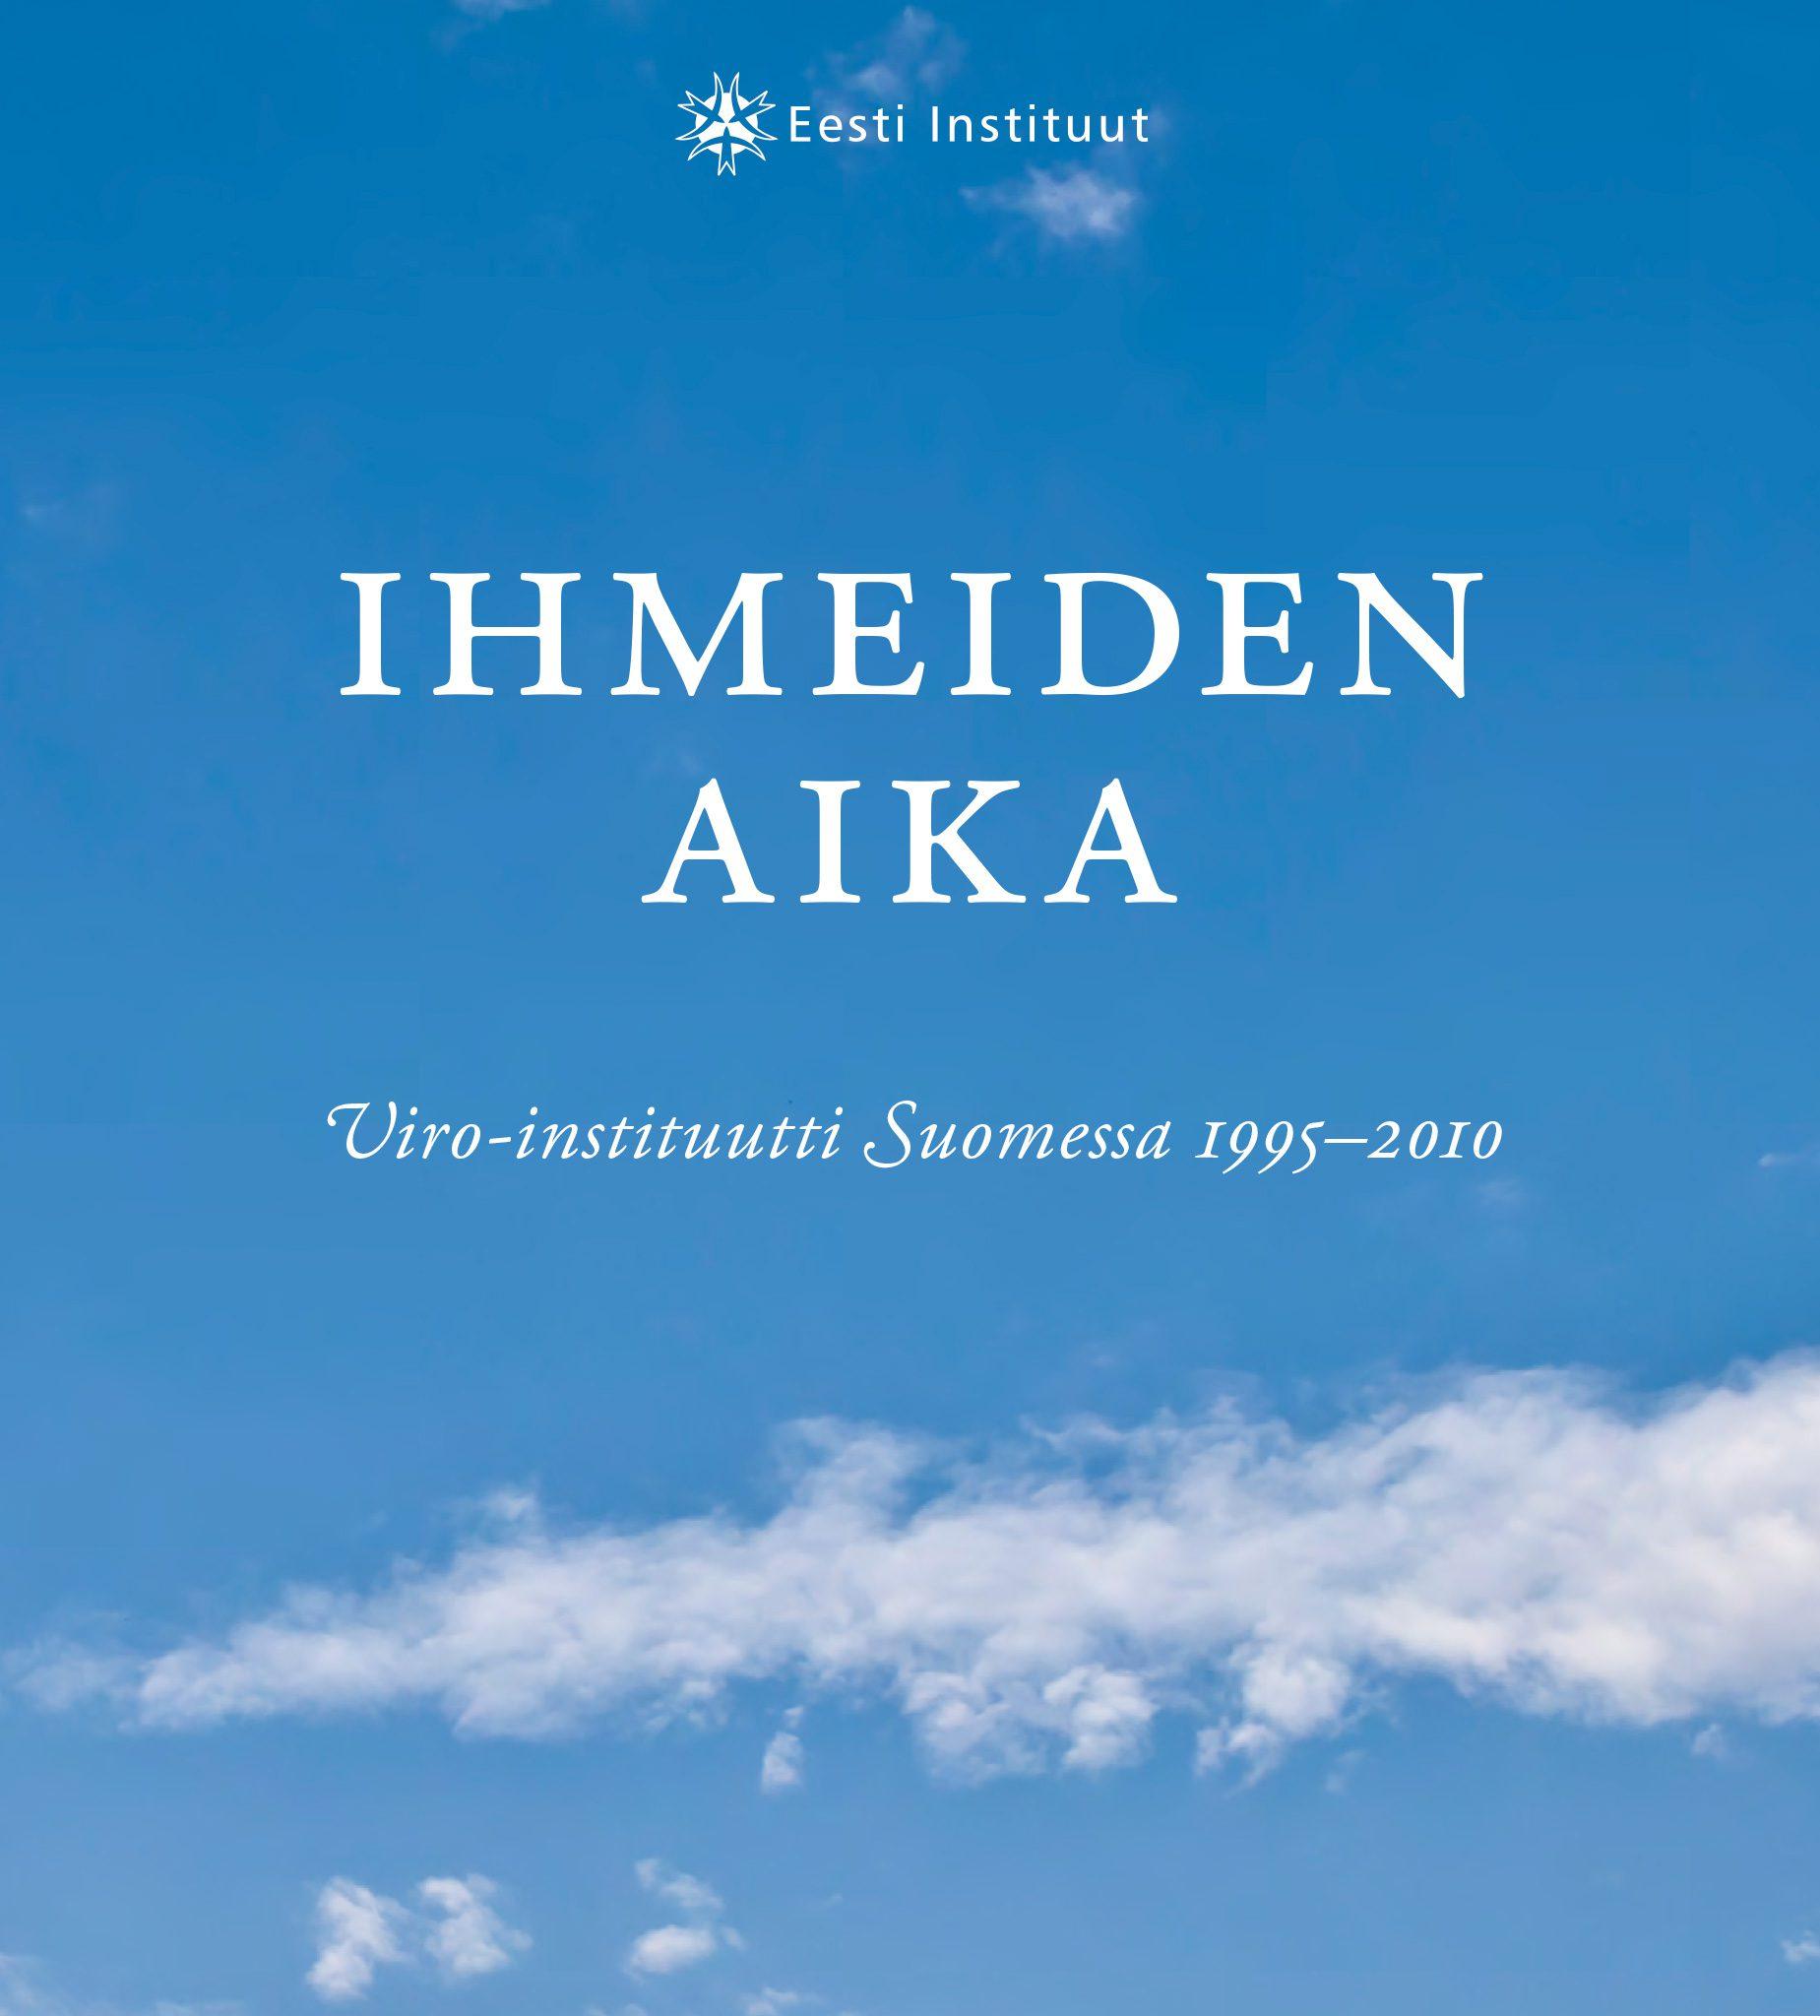 Viro-instituutin juhlakirja